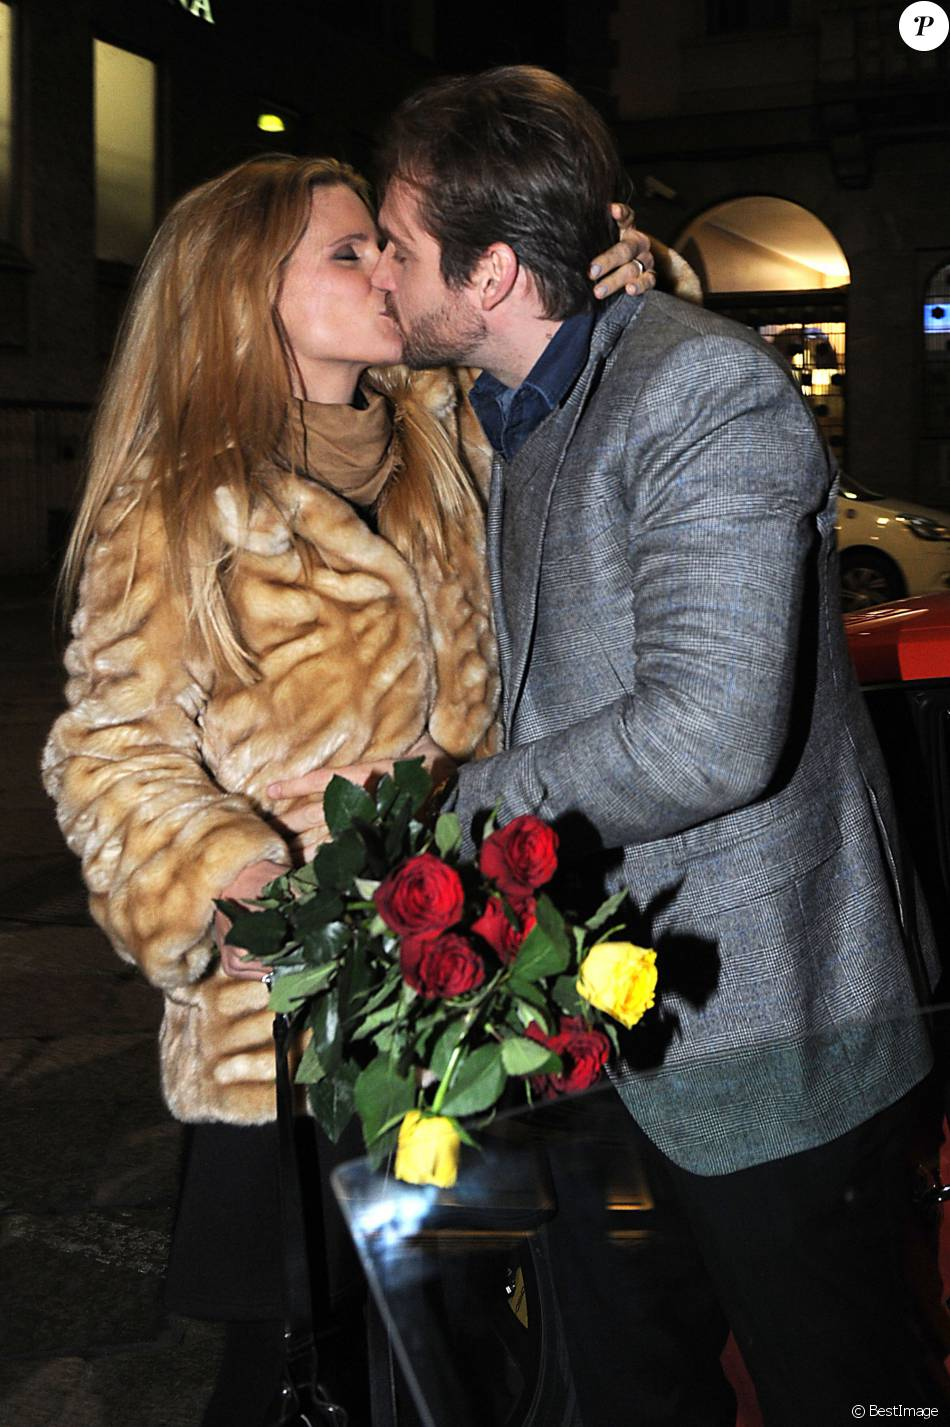 Michelle Hunziker et Tomaso Trussardi quittent le restaurant Trussardi à Milan où elle vient de fêter son 39e annviersaire en famille, le 23 janvier 2016.